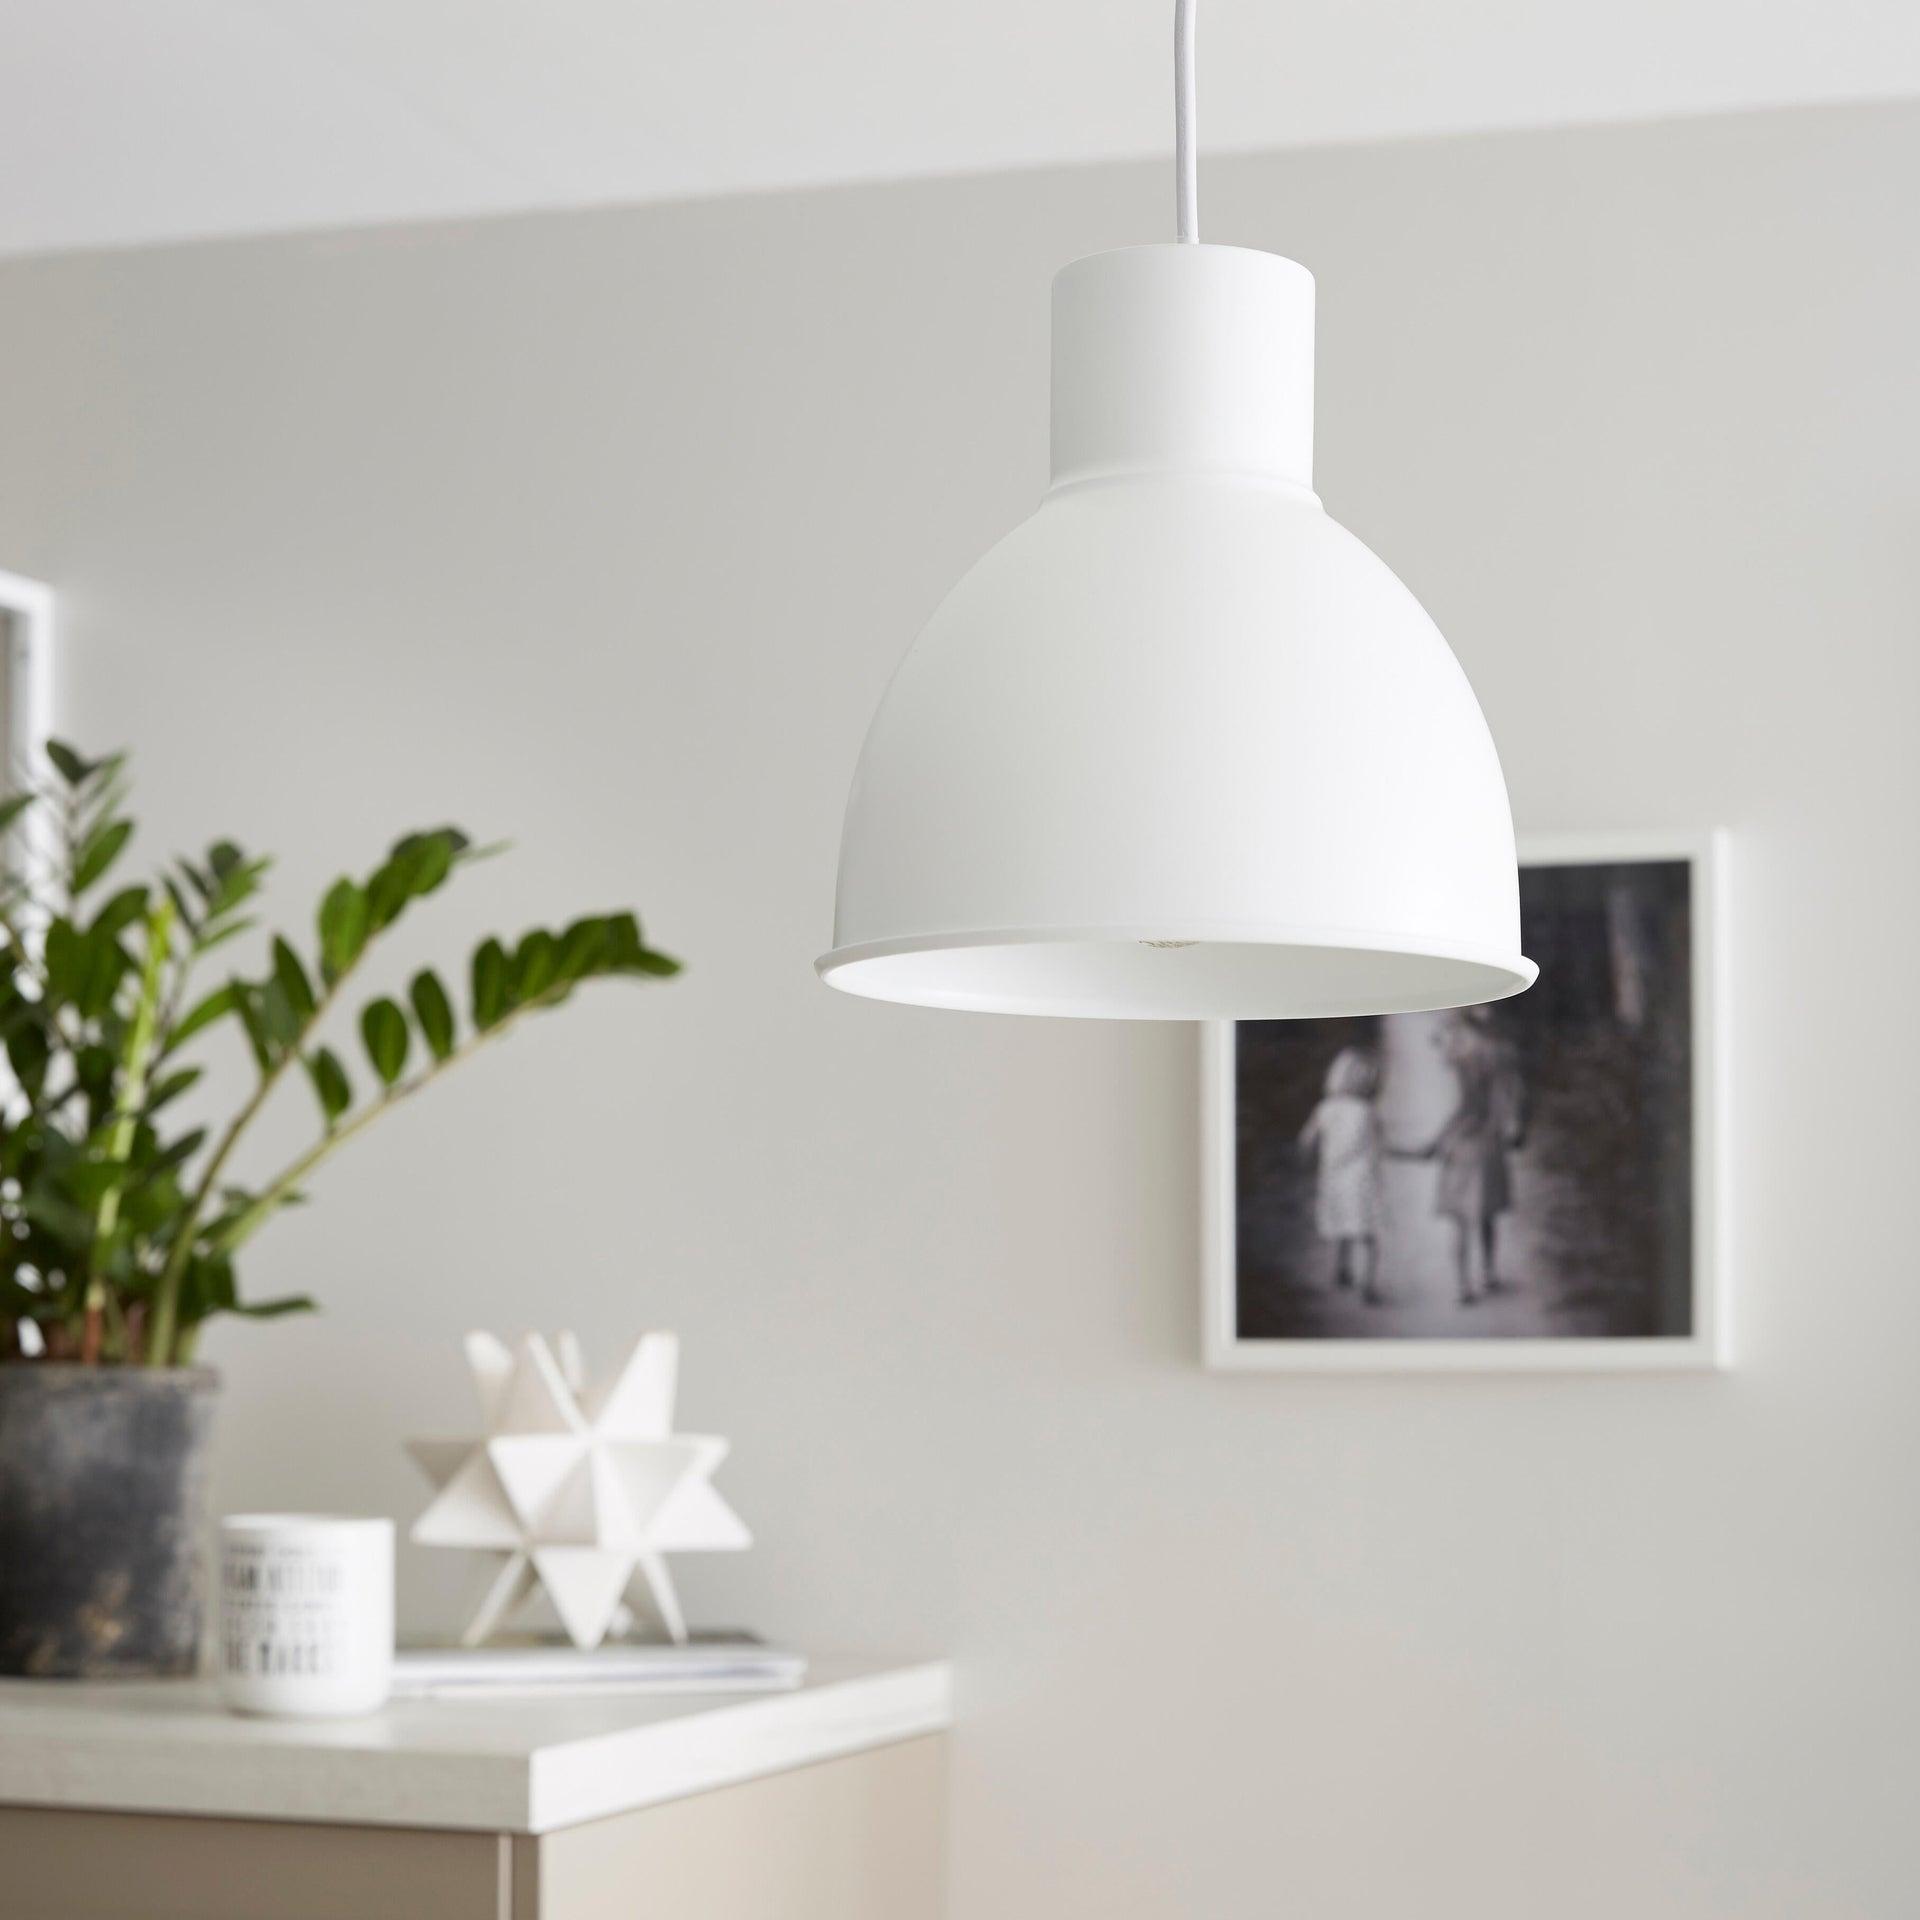 Lampadario Scandinavo Melga bianco in metallo, D. 20 cm, INSPIRE - 1